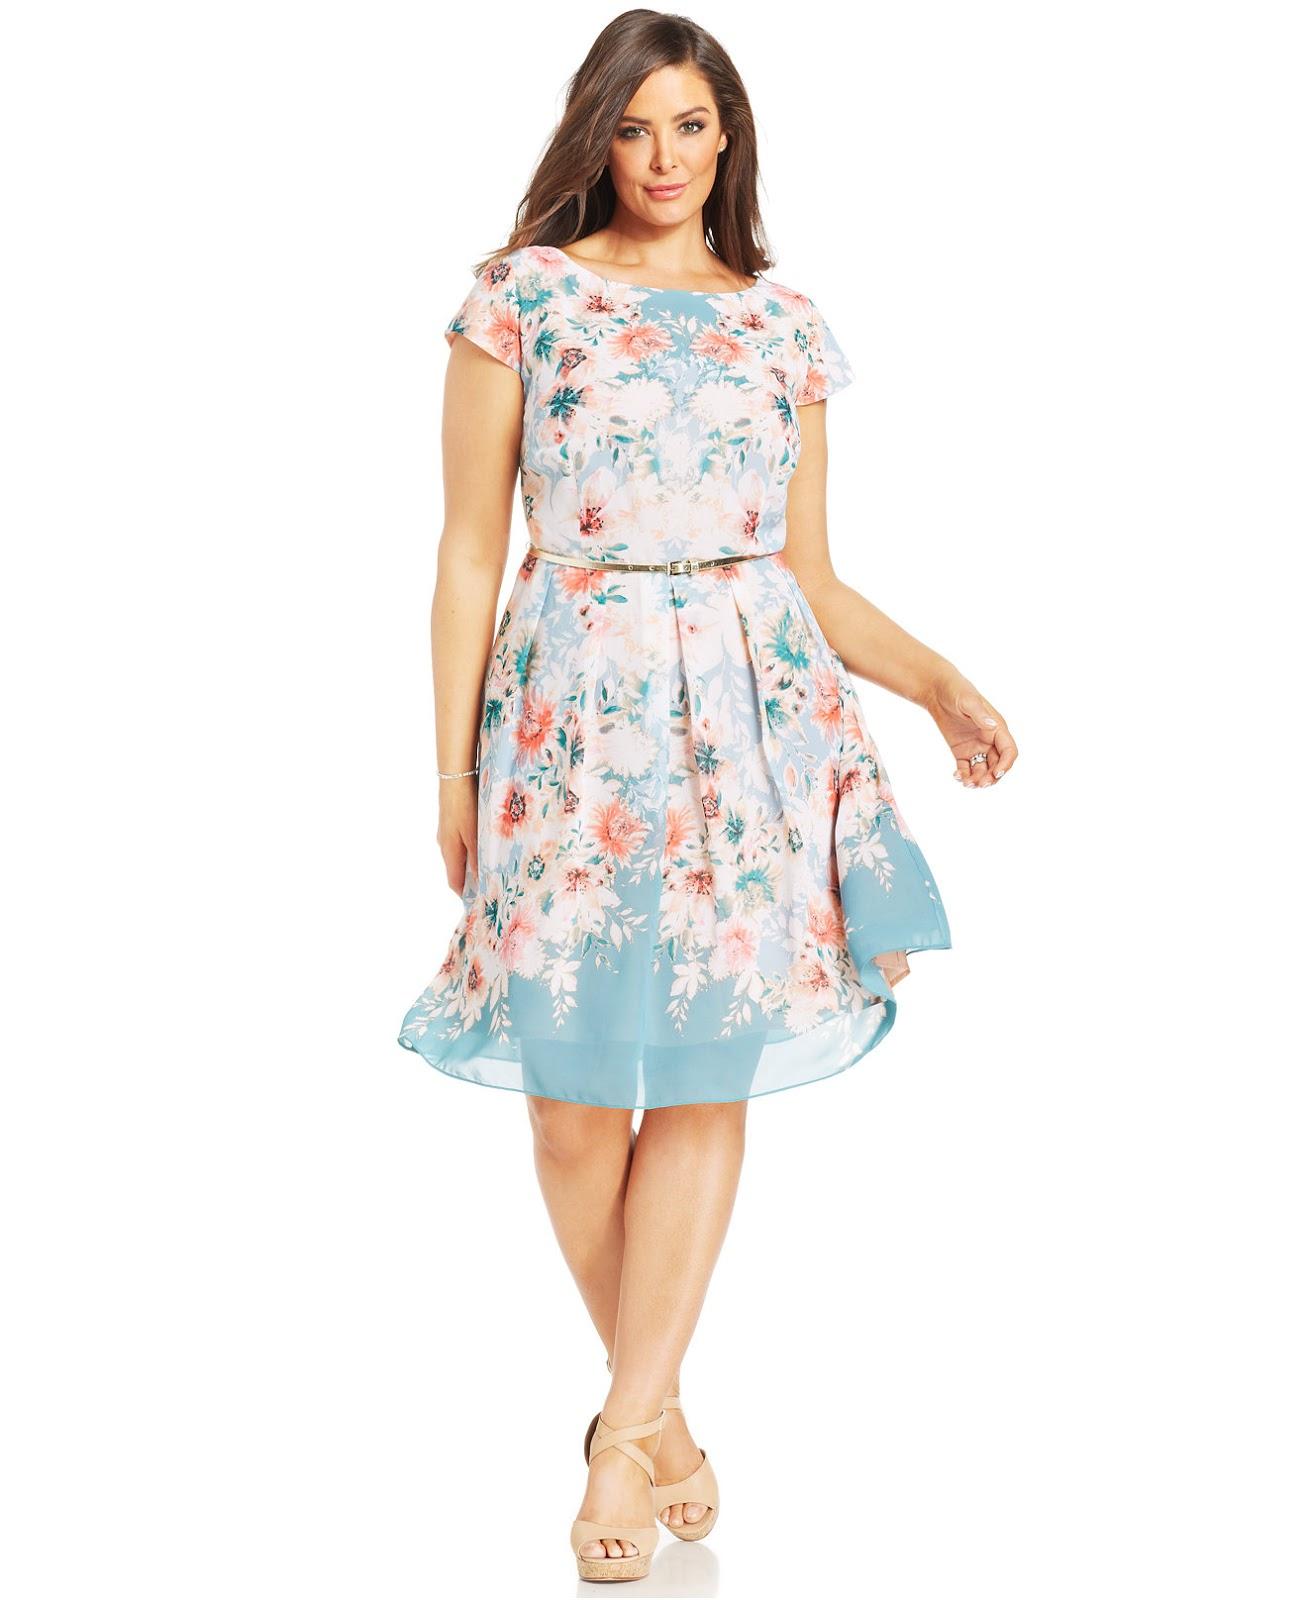 947ac46a0 Vestidos Casuales Para Gorditas Jovenes | Wig Elegance